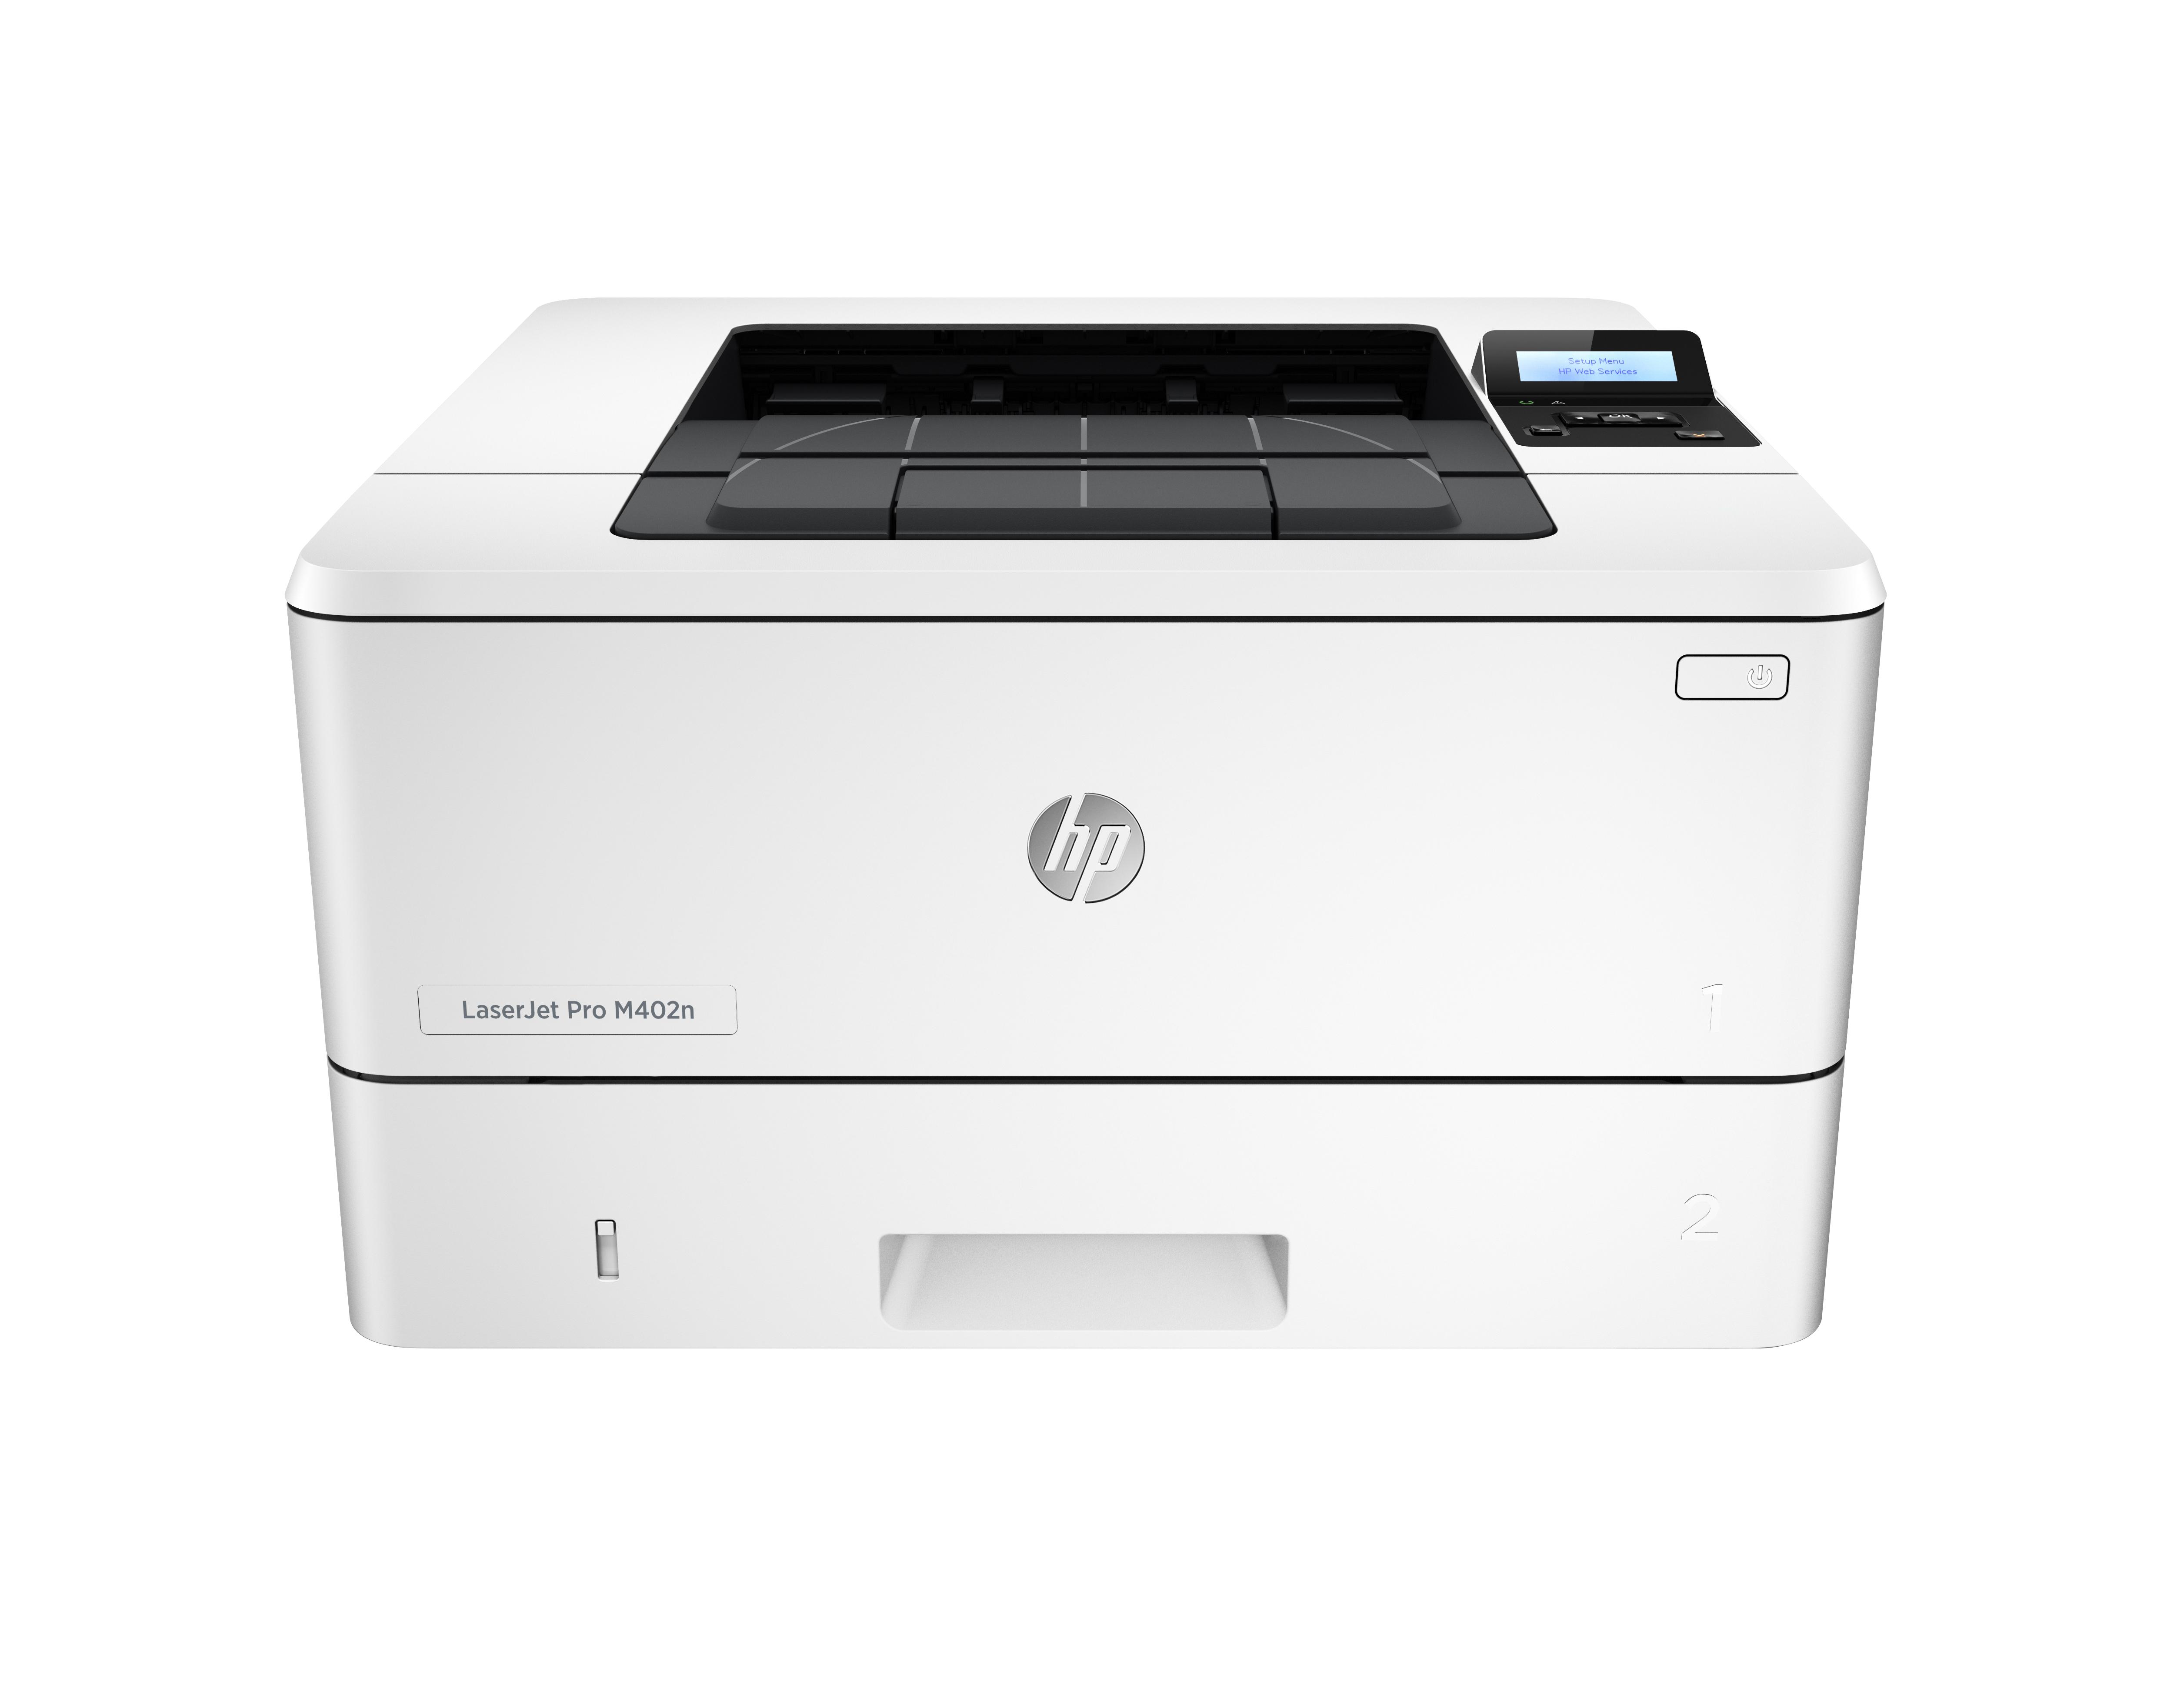 Hewlett Packard HP Drucker HP LJ Pro 400 M402n Laserjet